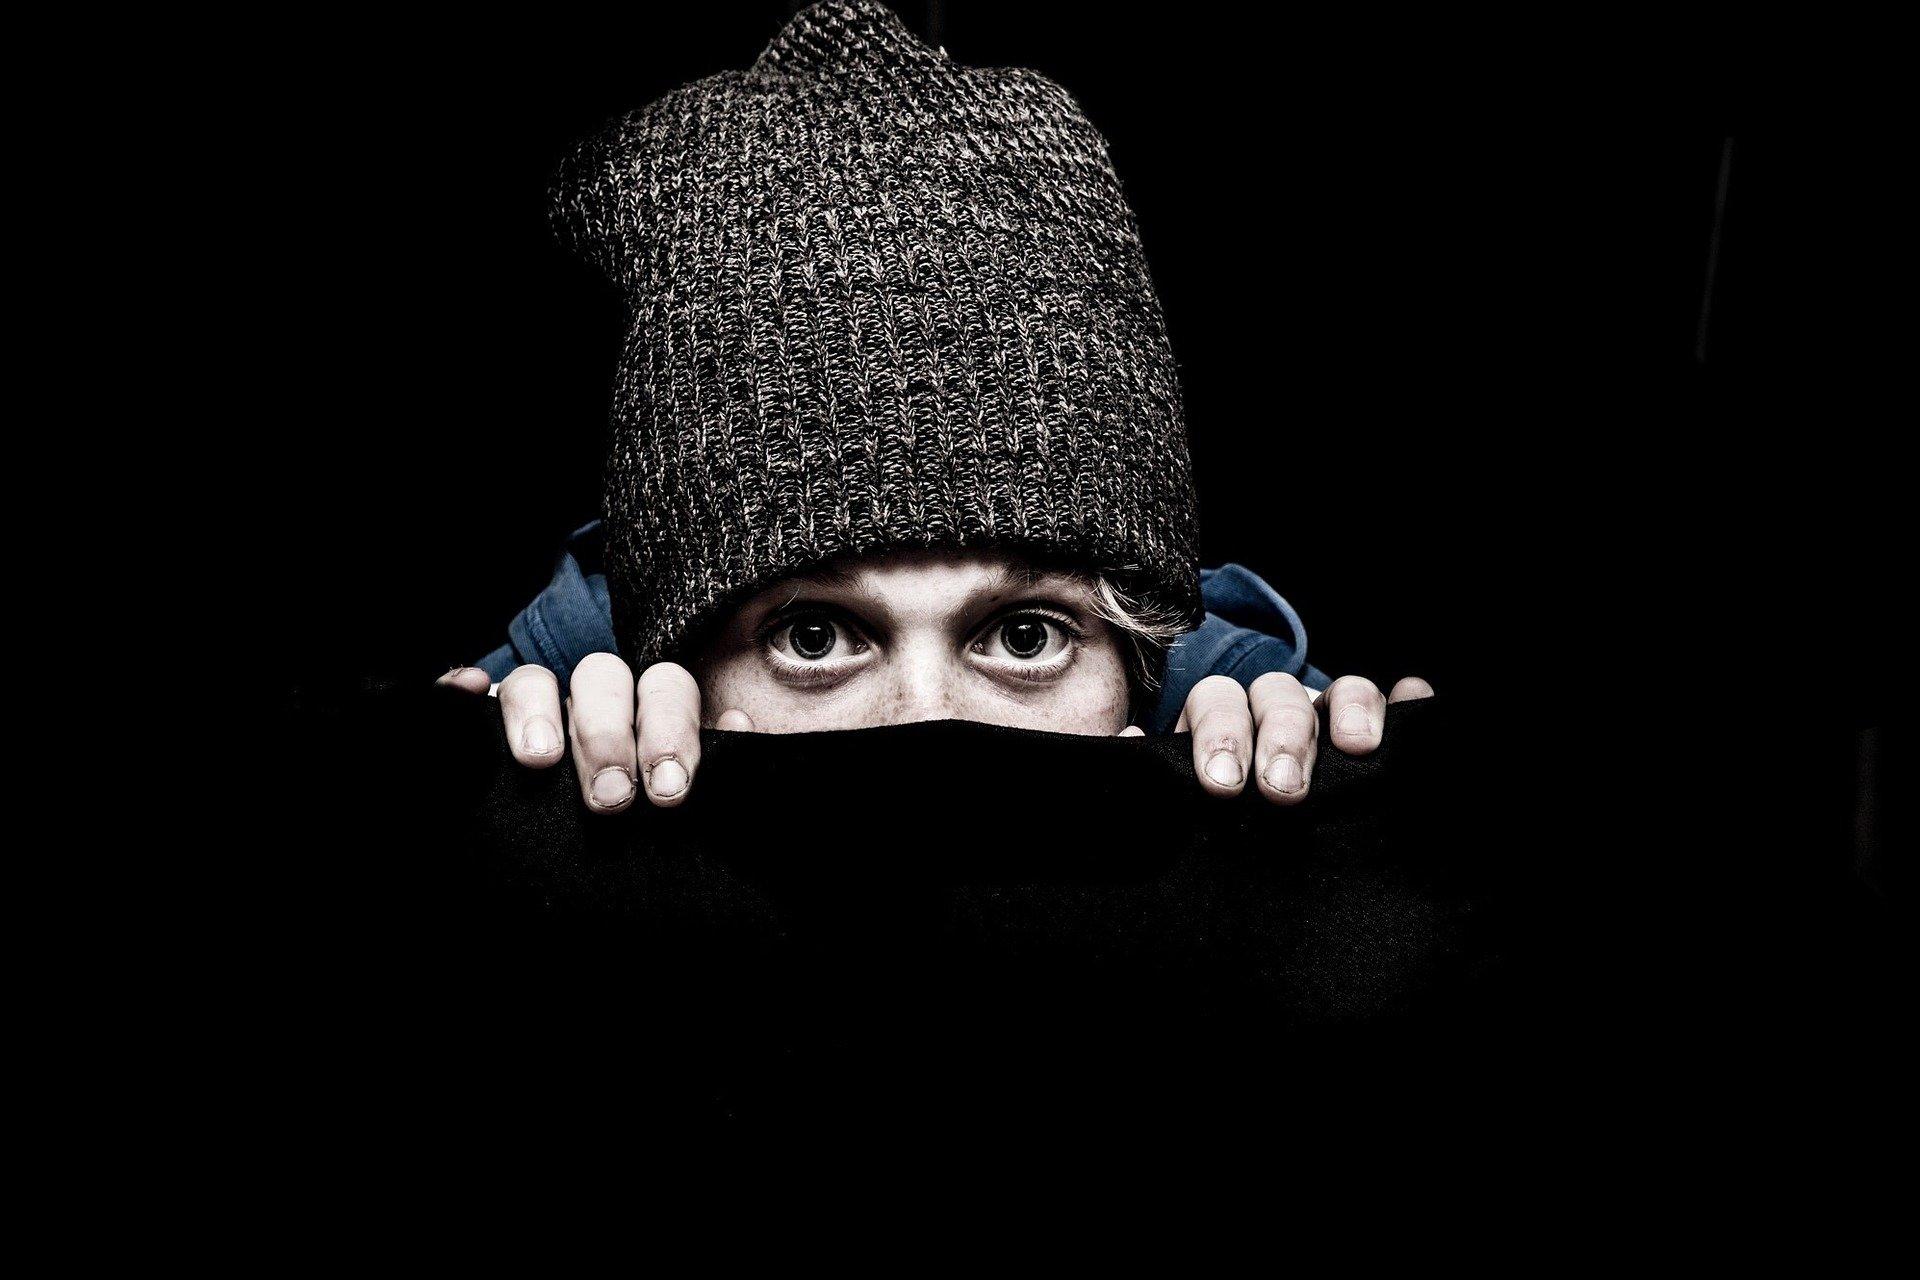 ragazzo dietro un muro nero che si nasconde e si vedono solo occhi e cappello